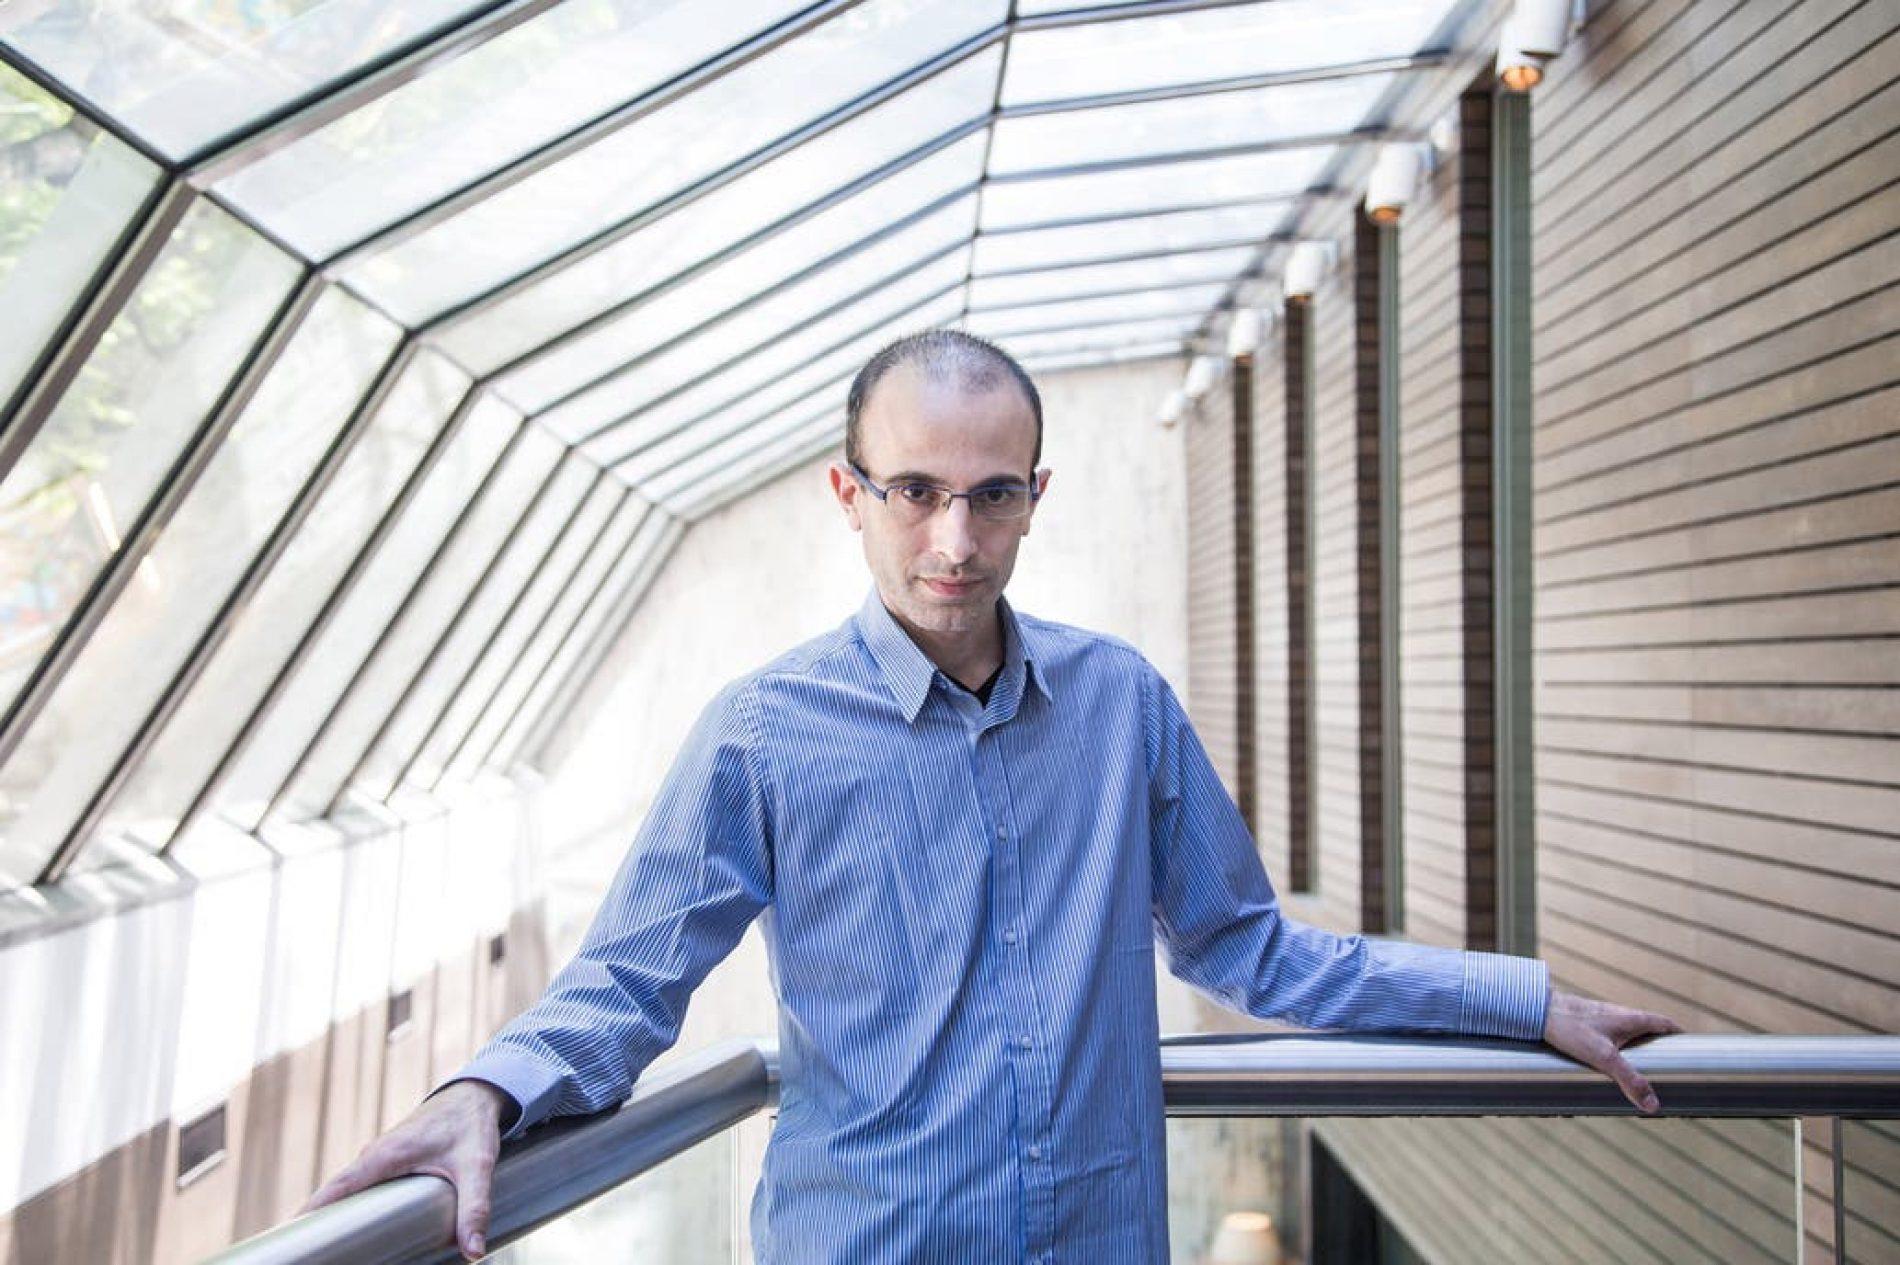 """Yuval Noah Harari: """"La falta de solidaridad global y de liderazgo representa un peligro inmenso para la humanidad"""""""